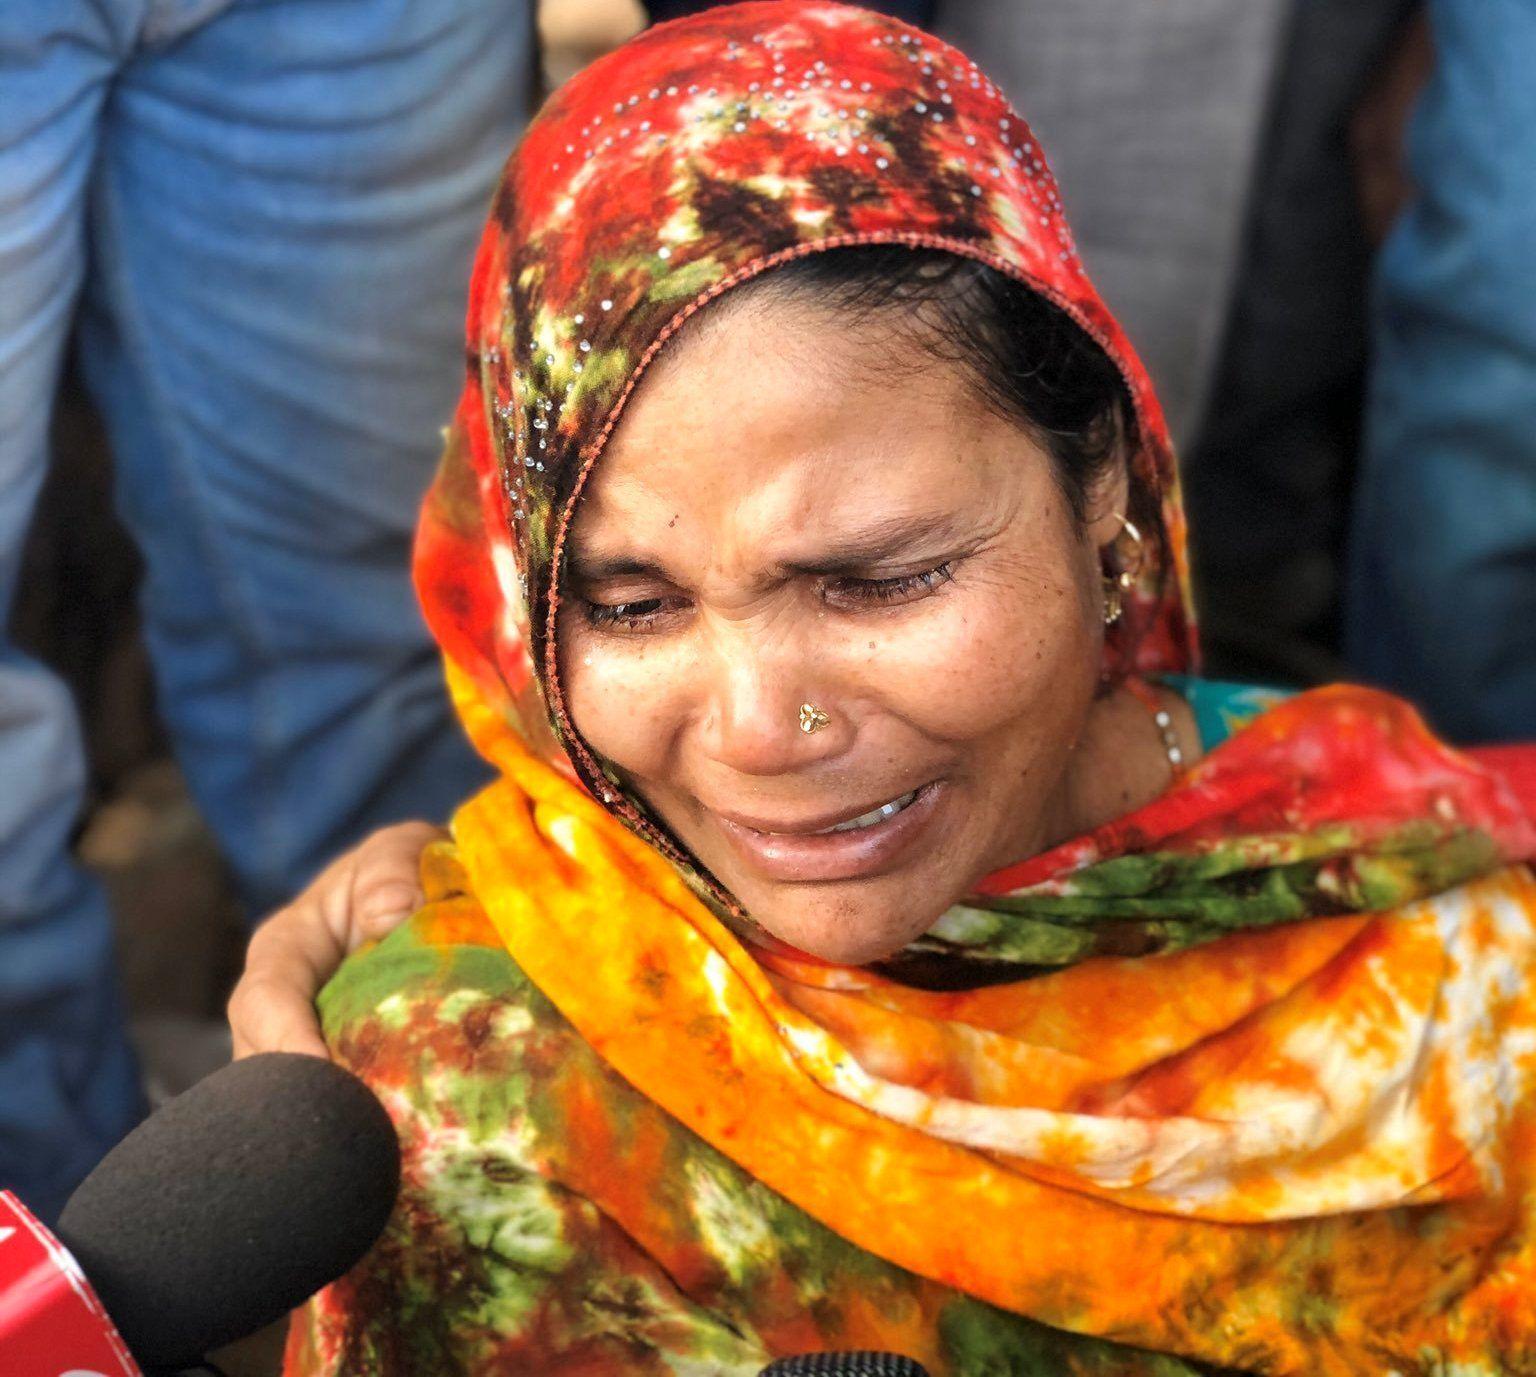 लाशों के ढेर पर झगड़ते आप और बीजेपी नेता, आखिर इतनी बड़ी त्रासदी का इन तीन में से जिम्मेदार कौन?